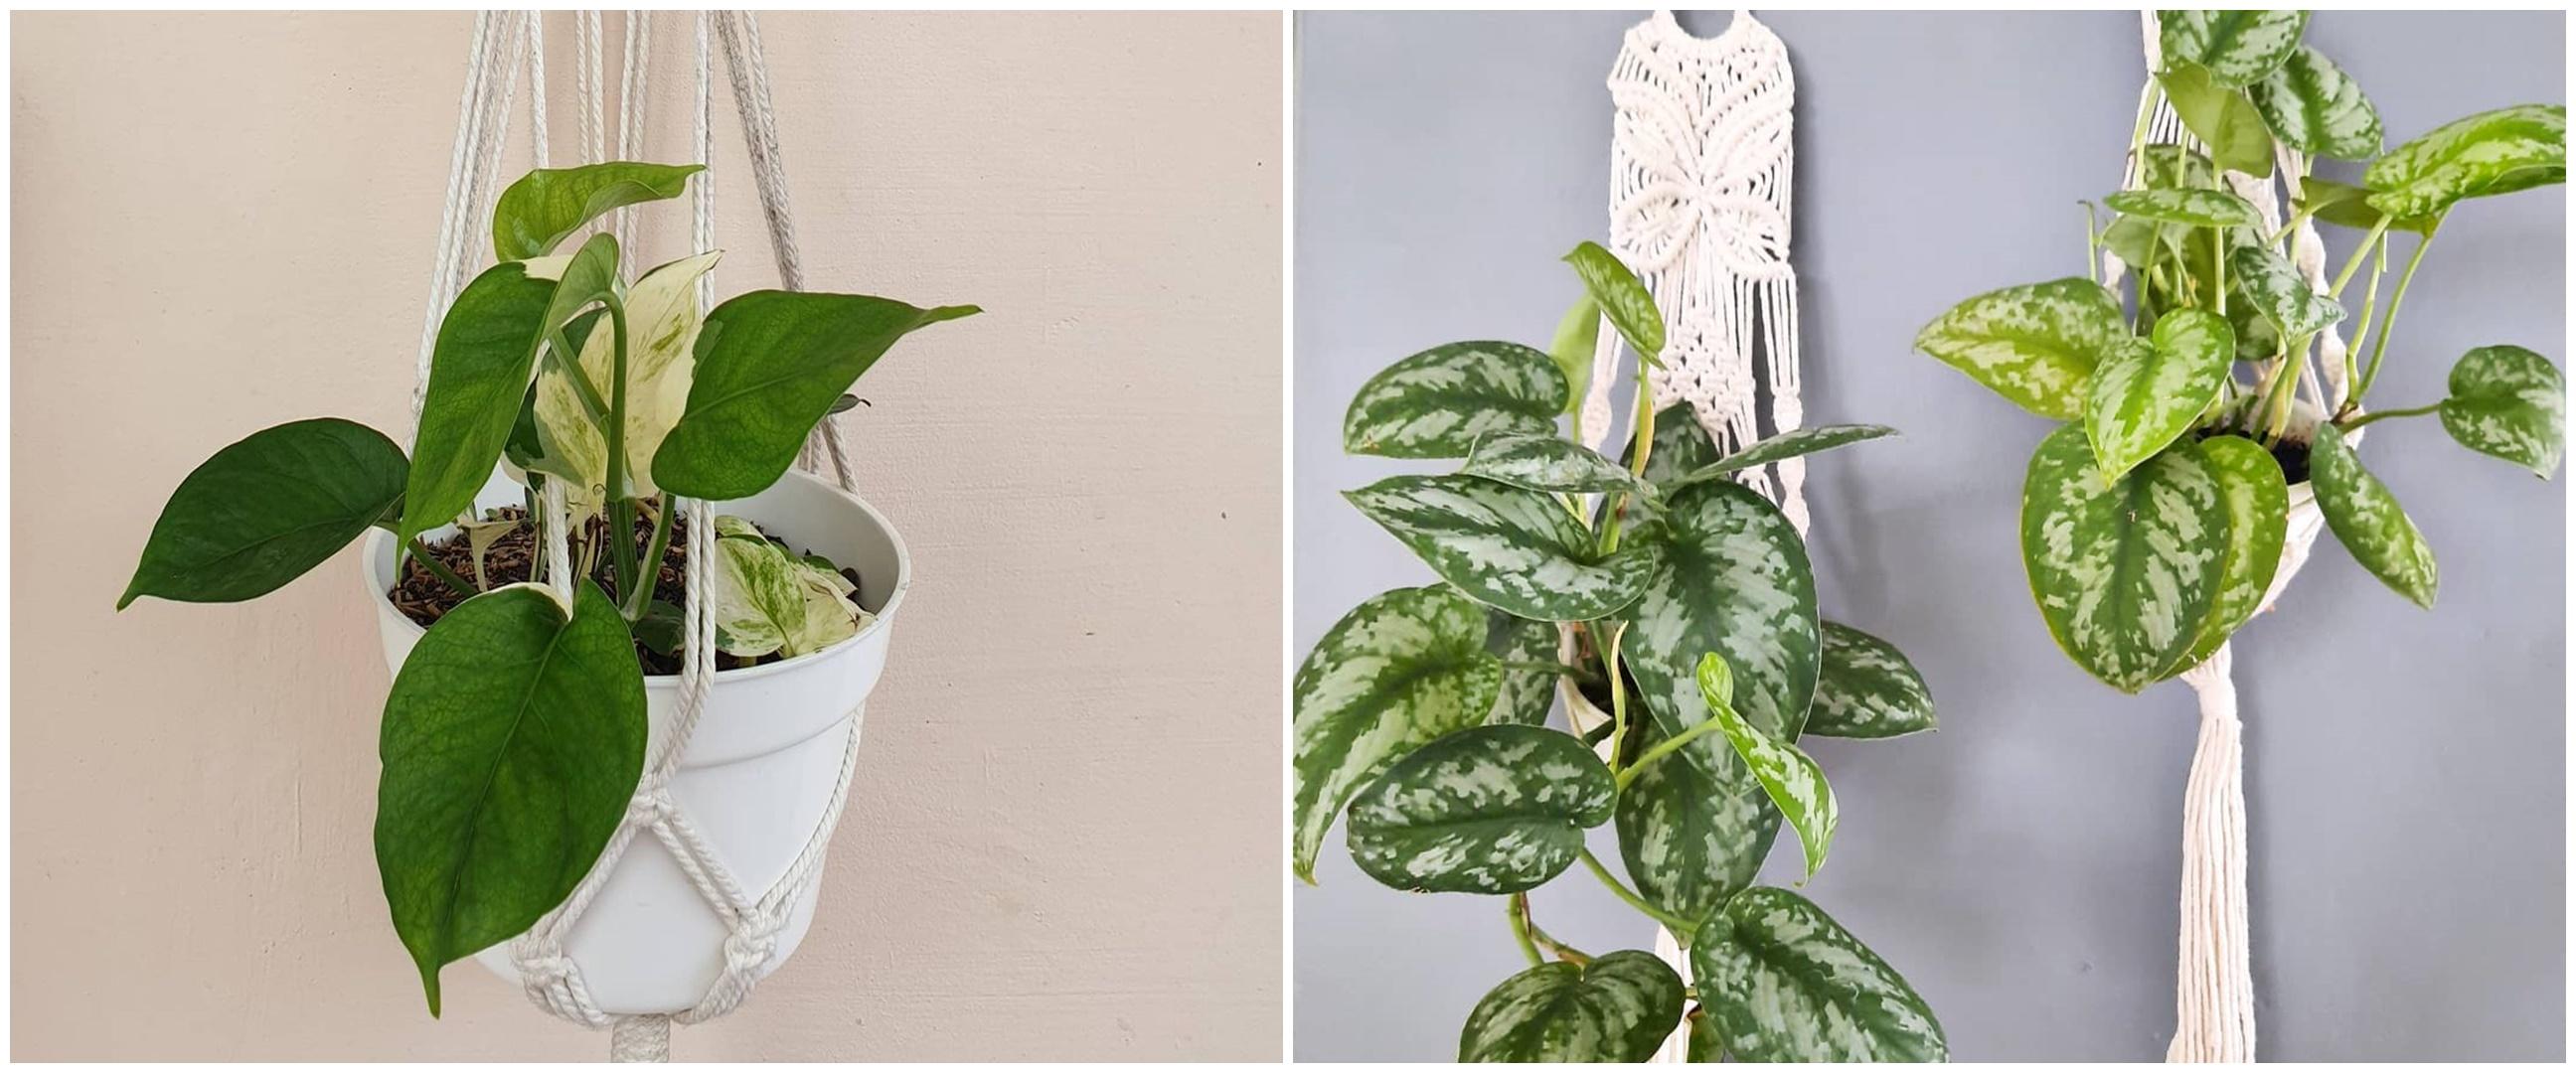 10 Tanaman hias gantung daun sirih, cantik dan mudah dirawat